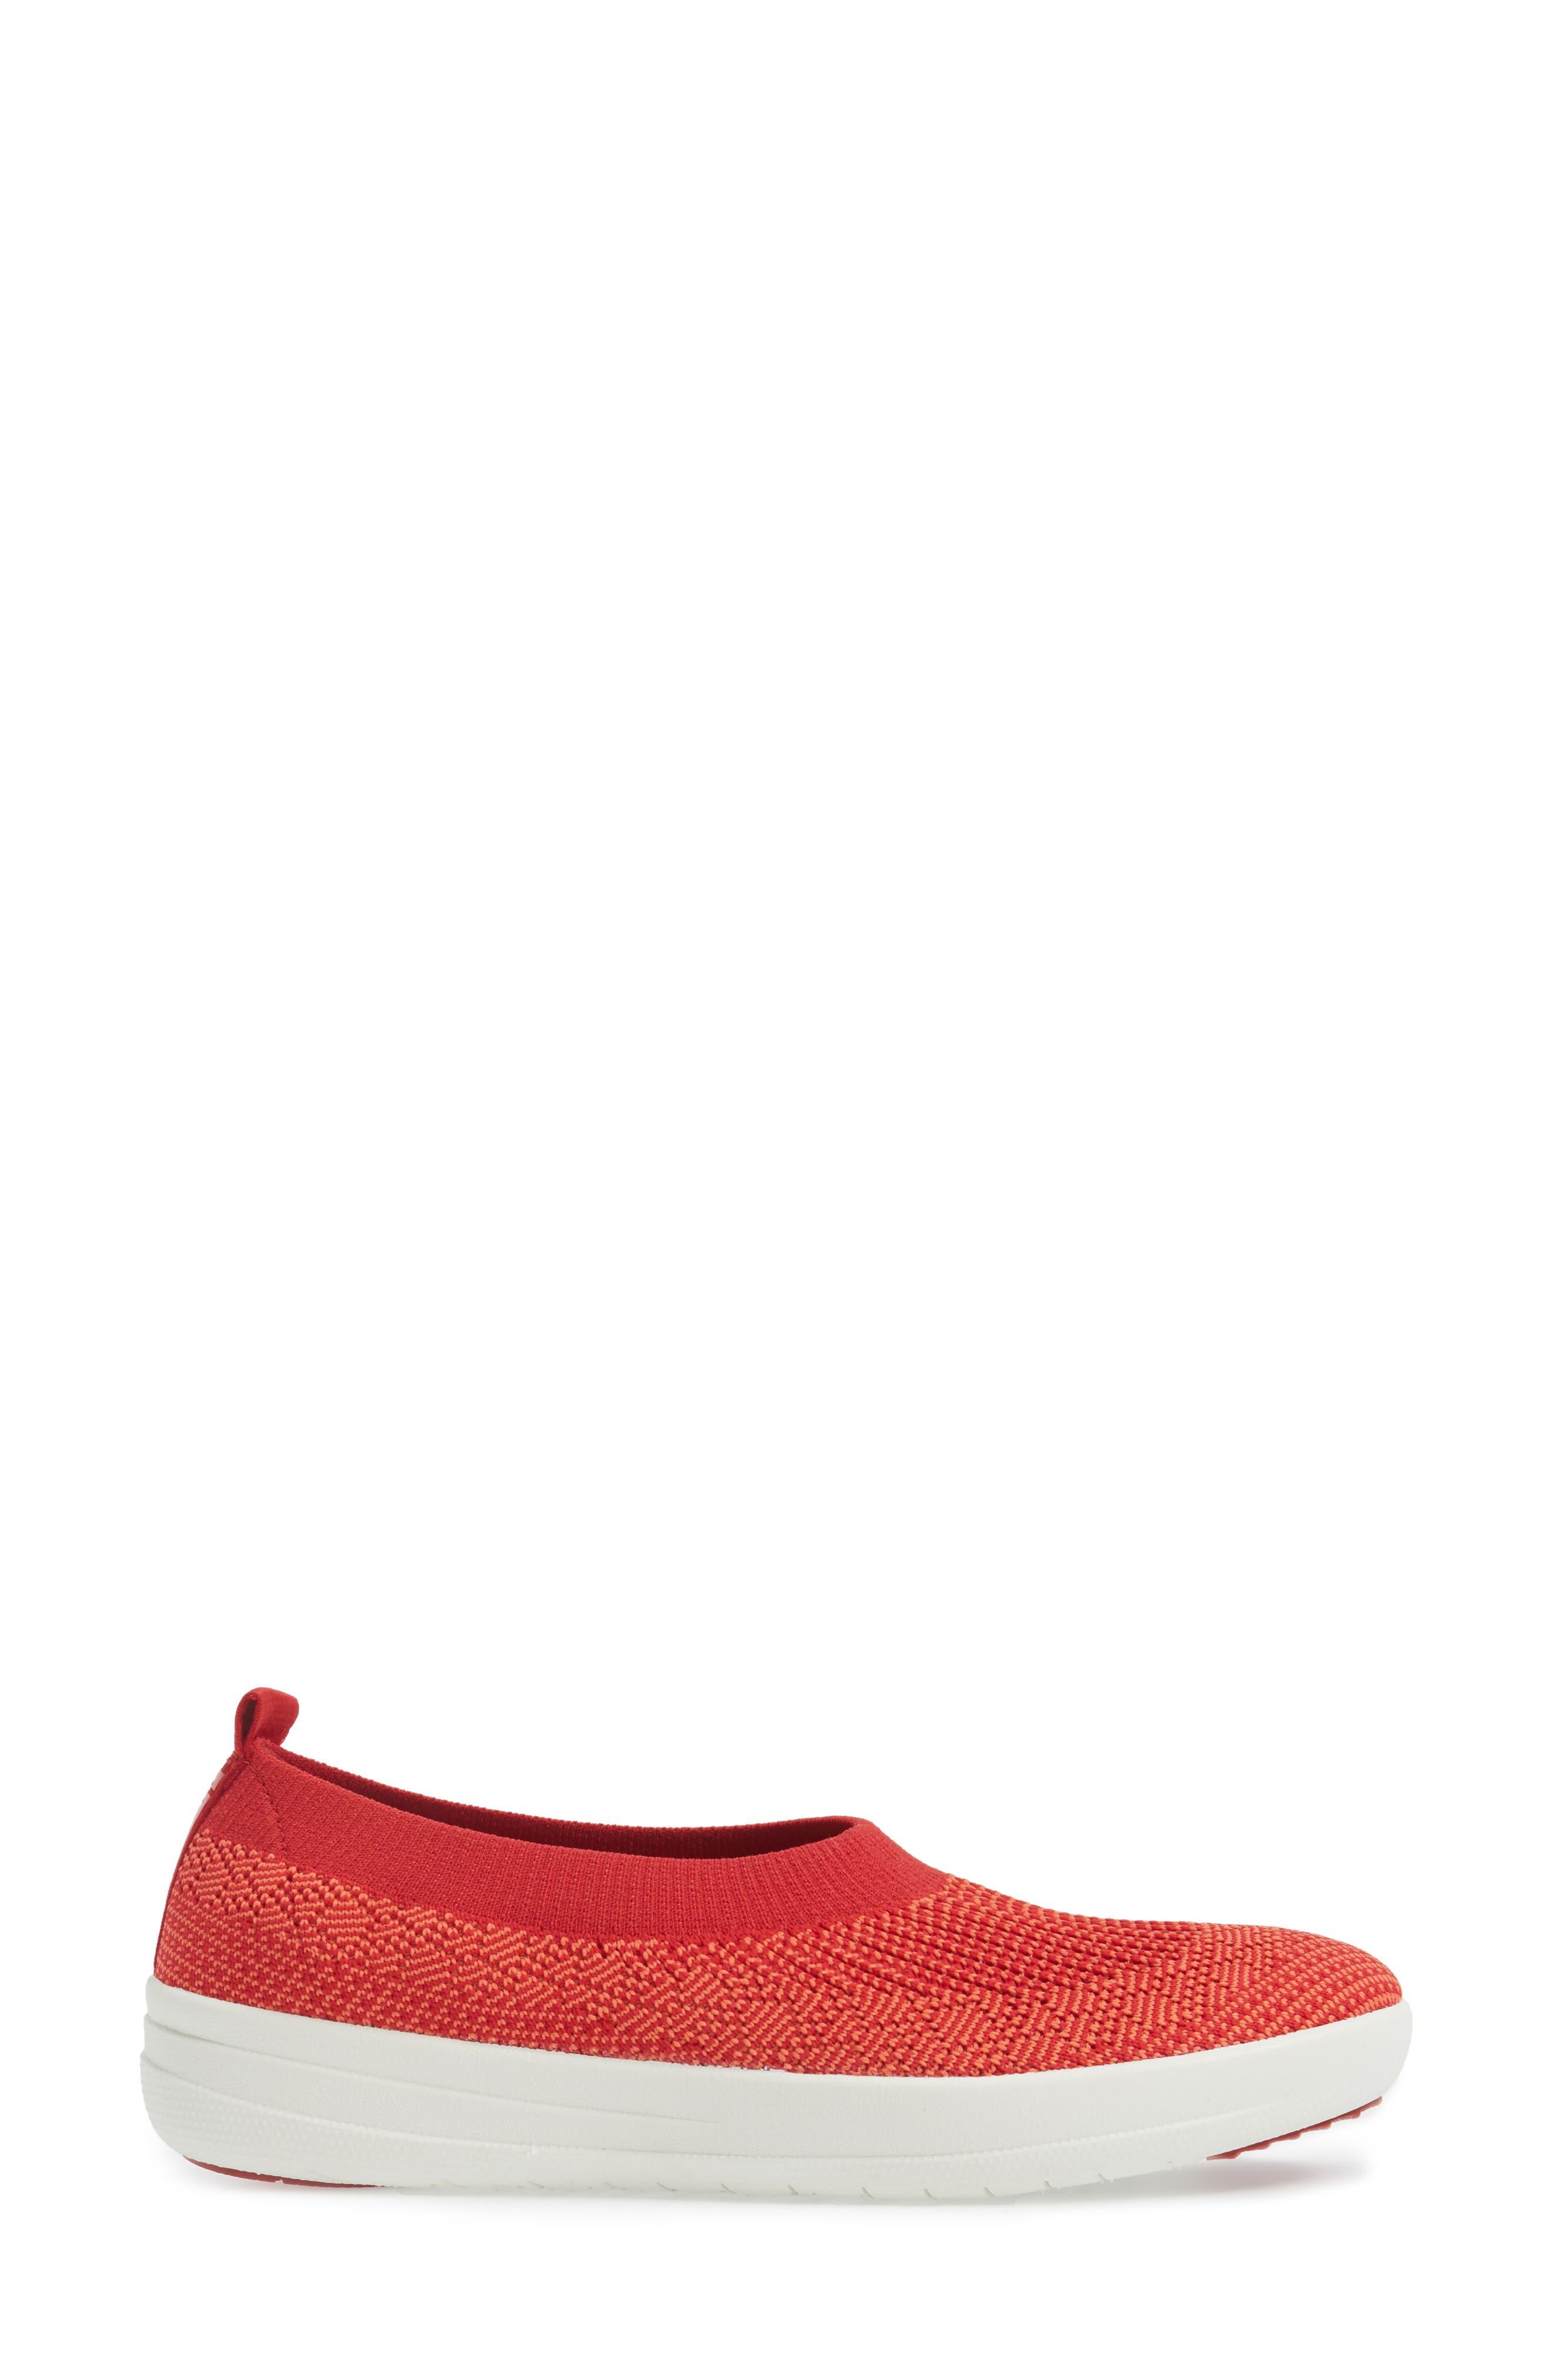 Uberknit Slip-On Sneaker,                             Alternate thumbnail 19, color,